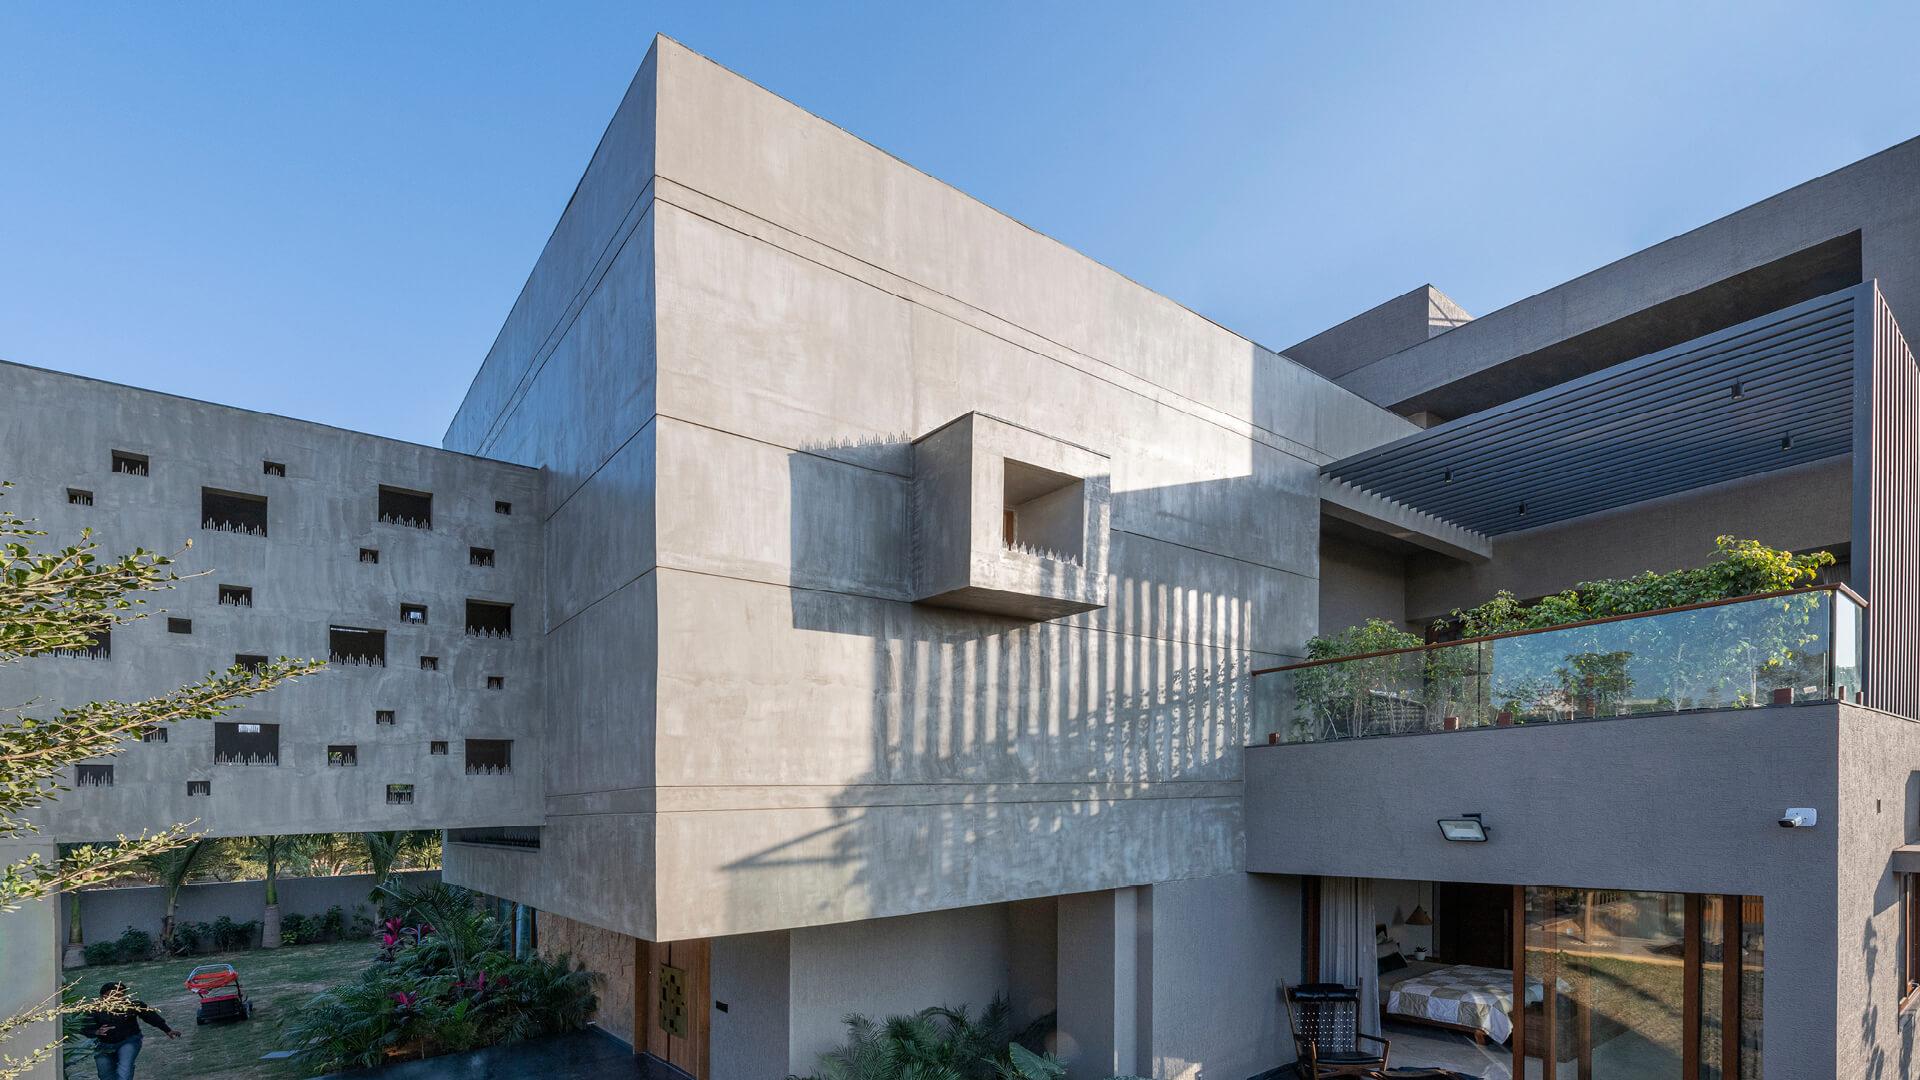 Pixel House | The Grid Architects | Ahmedabad, India | STIRworld